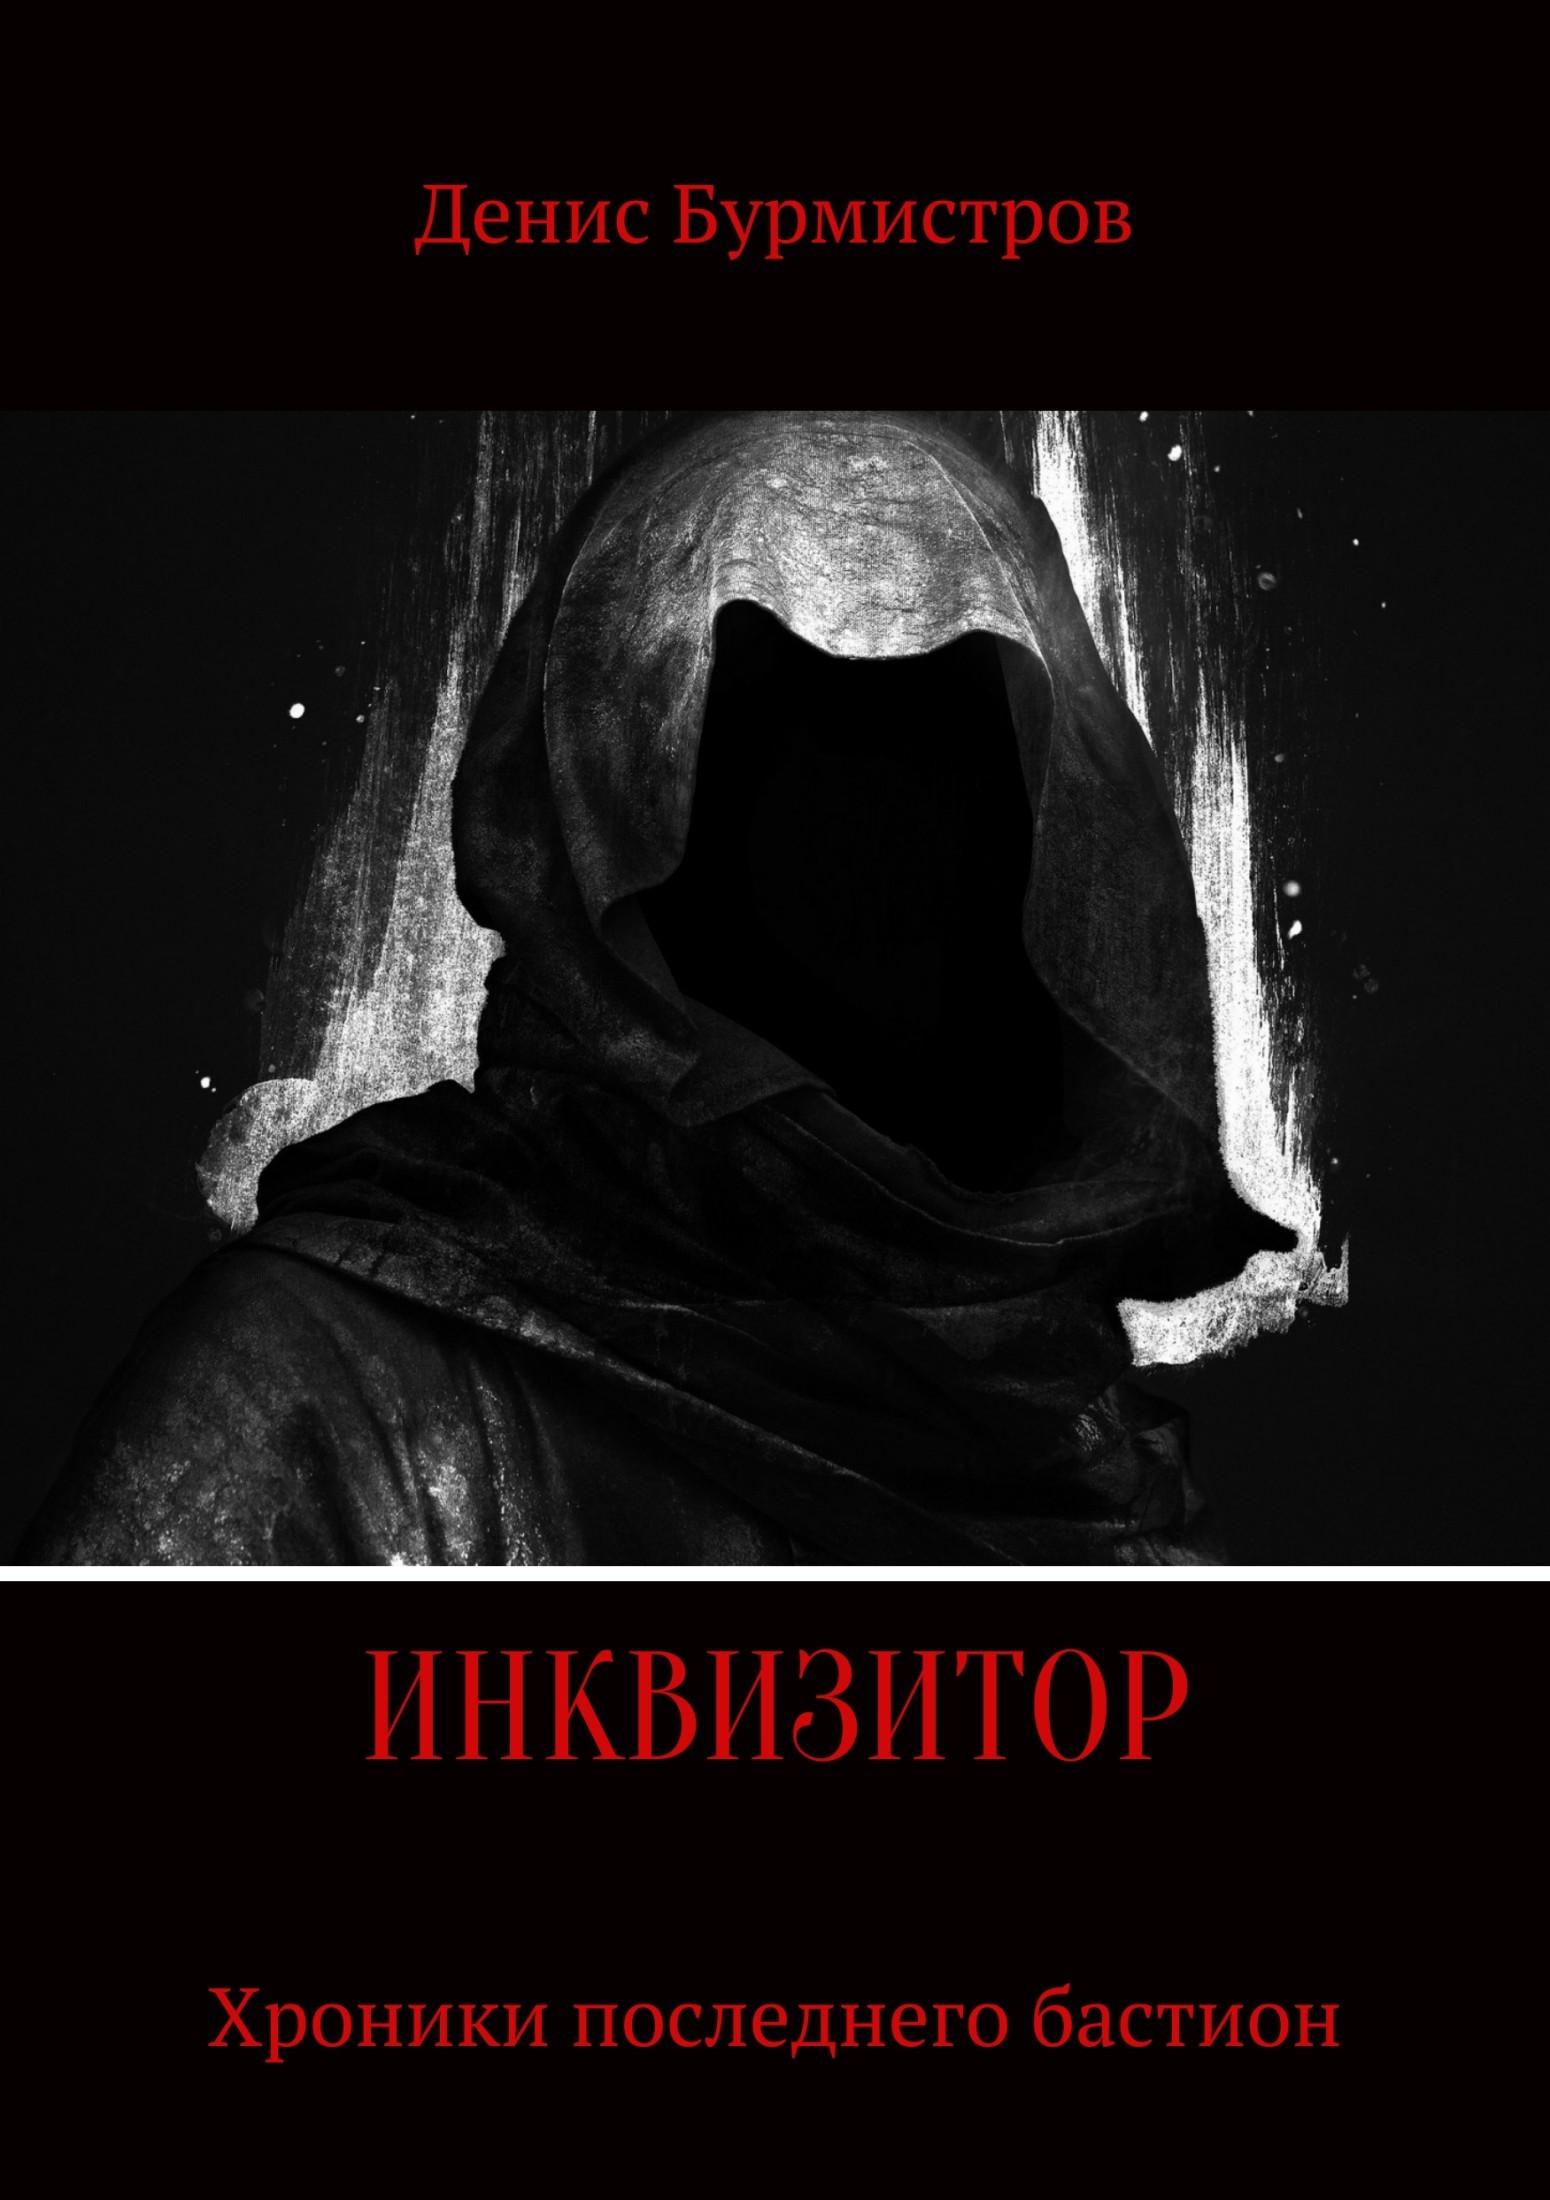 Денис Бурмистров. Инквизитор. Хроники последнего бастиона